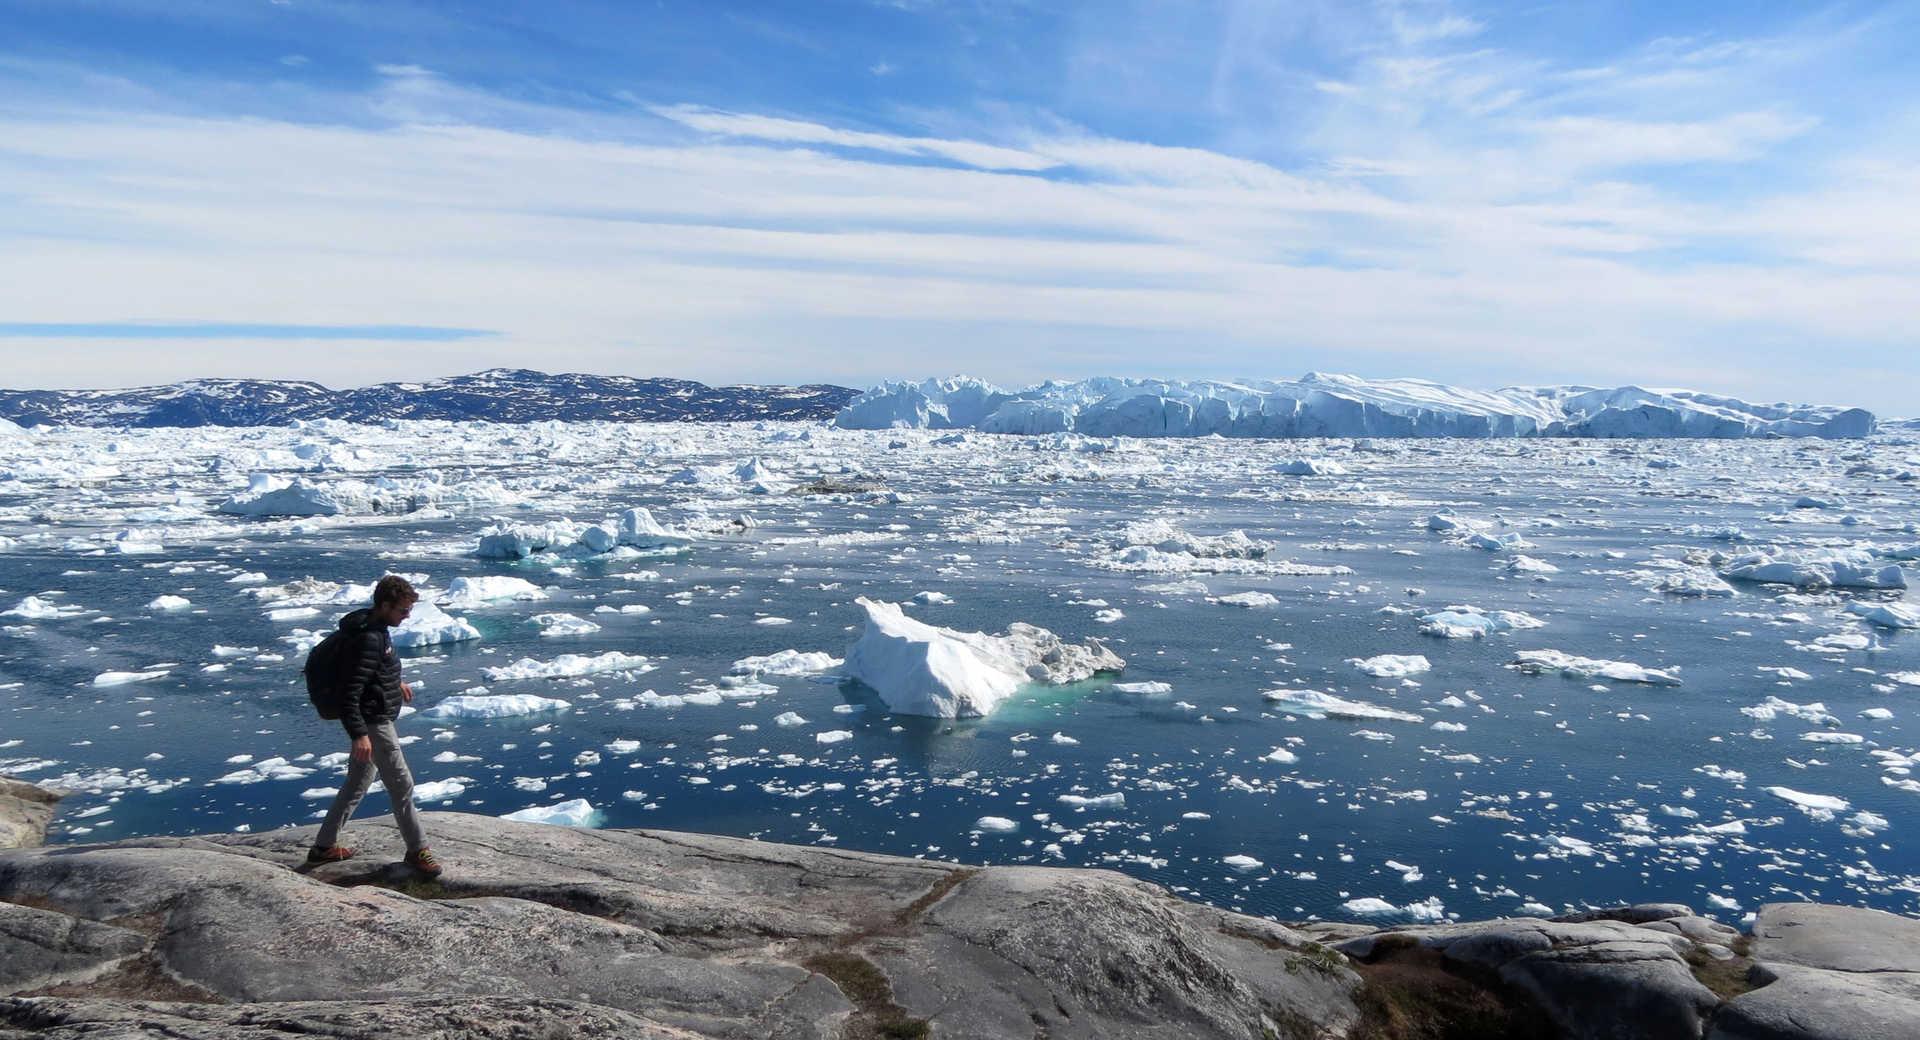 Randonnée face au fjord glacé d'Ilulissat au Groenland